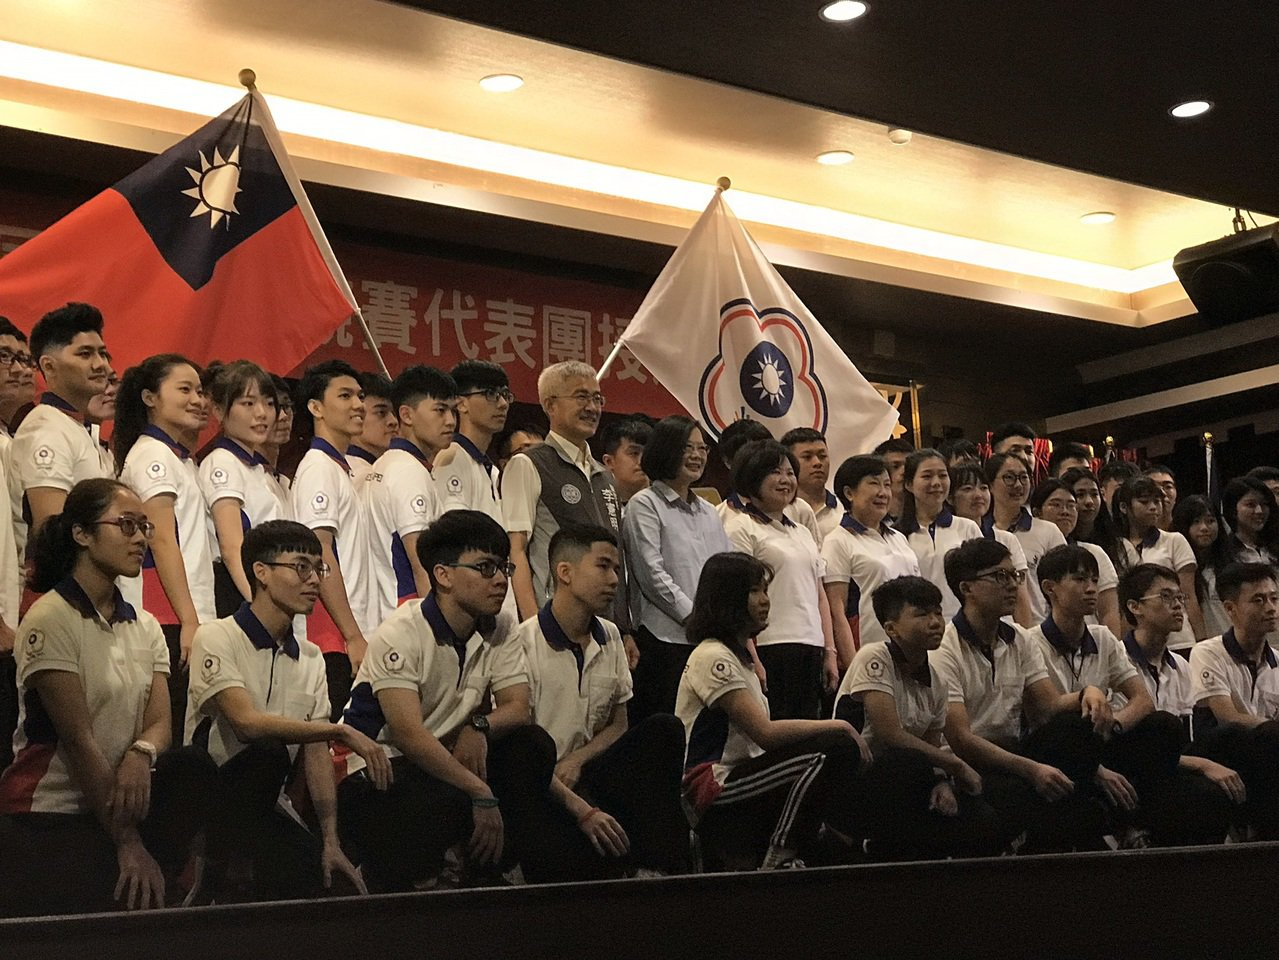 第45屆國際技能競賽將於22日到27日在俄羅斯喀山登場,台灣選派51職類、58位...